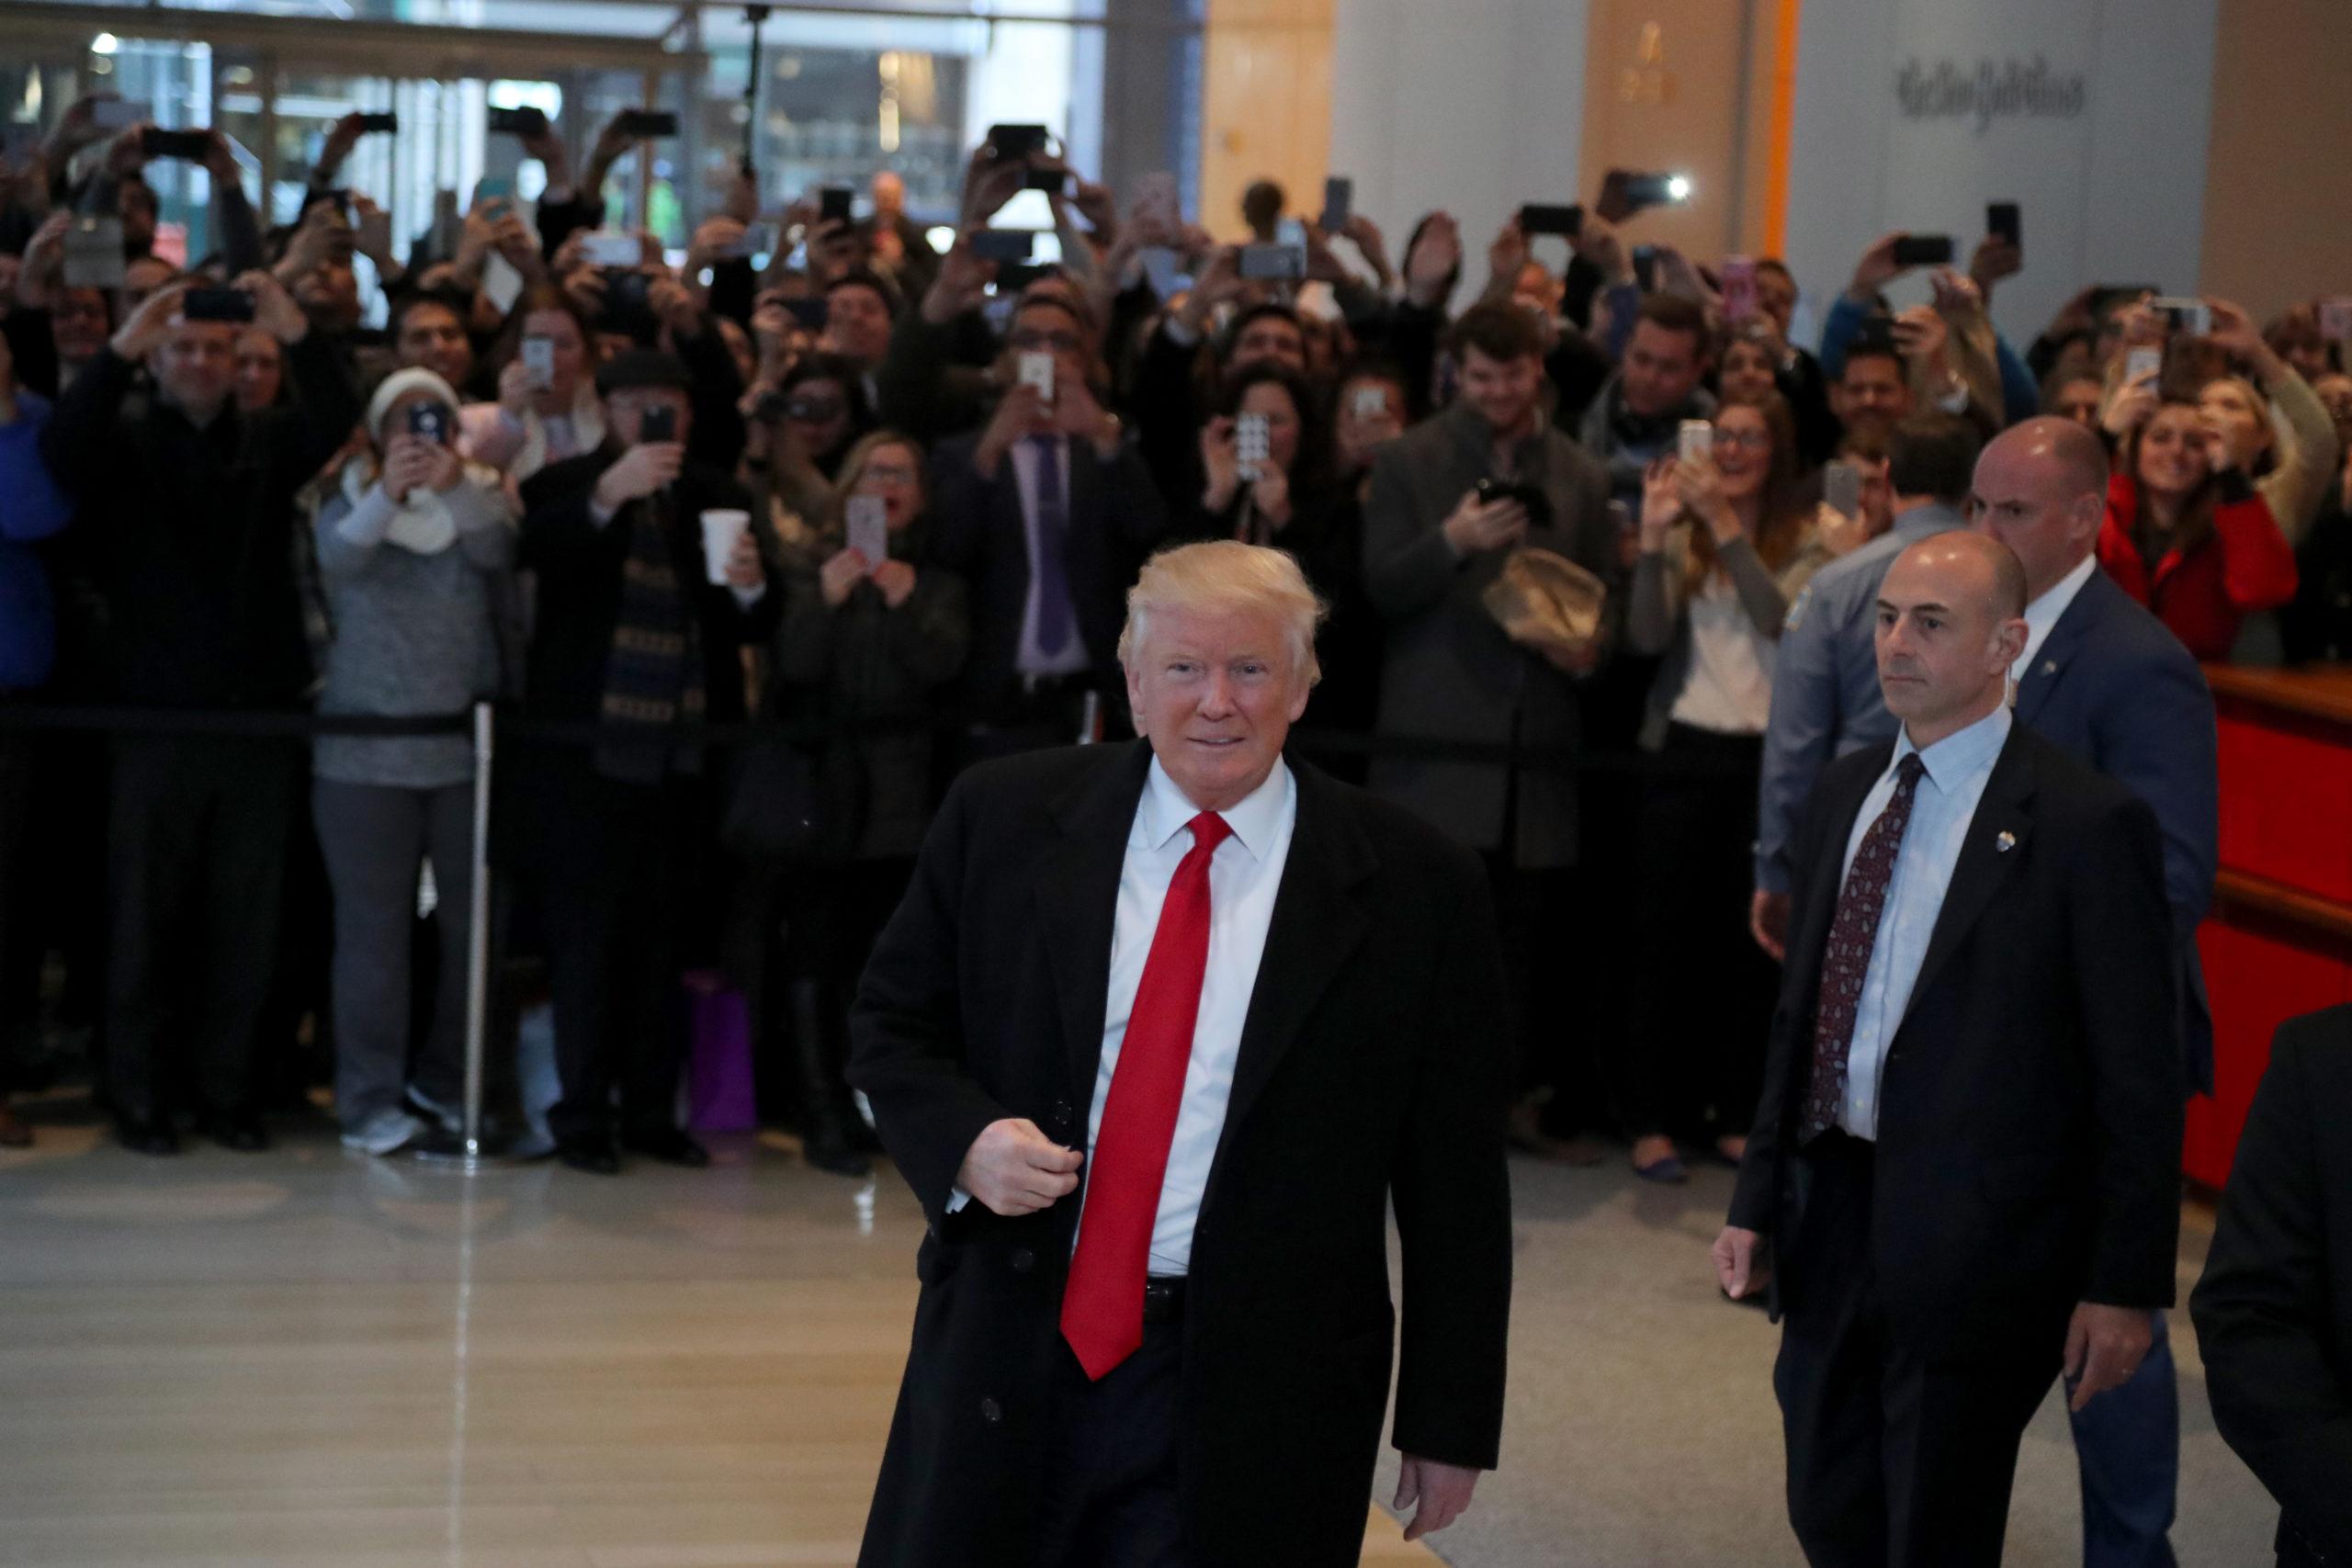 Donald Trump on vaalien jälkeen jatkanut lehdistön soimaamista, erityisesti the NewYork Timesin. Trump saapui silti haastatteluun lehden toimitukseen marraskuussa.